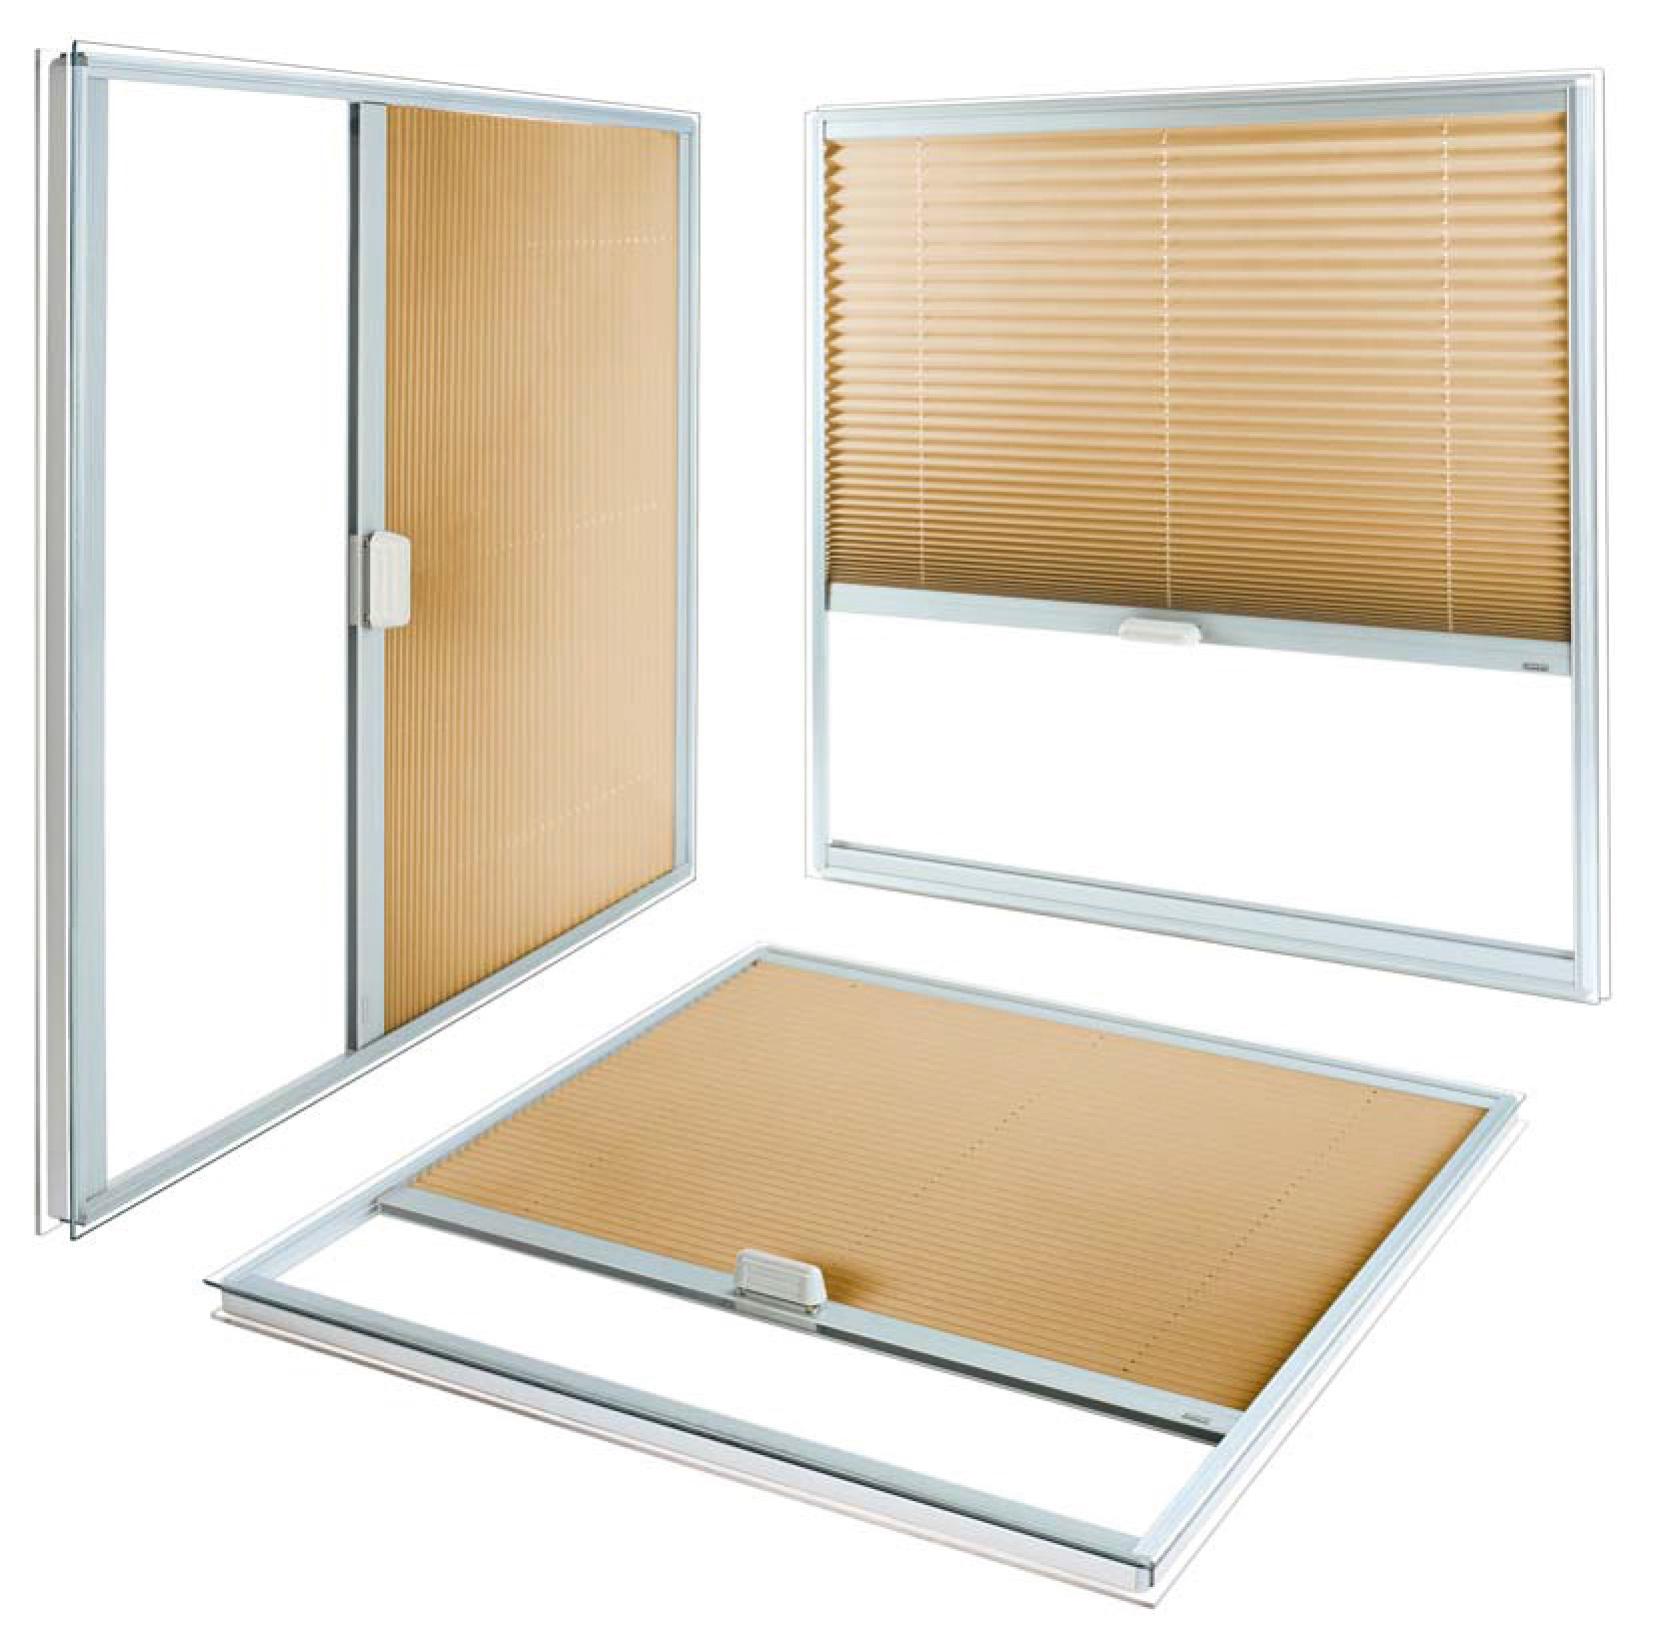 Veneziane e tende interno vetro okna samoraj porte e for Sunbell veneziane interno vetro